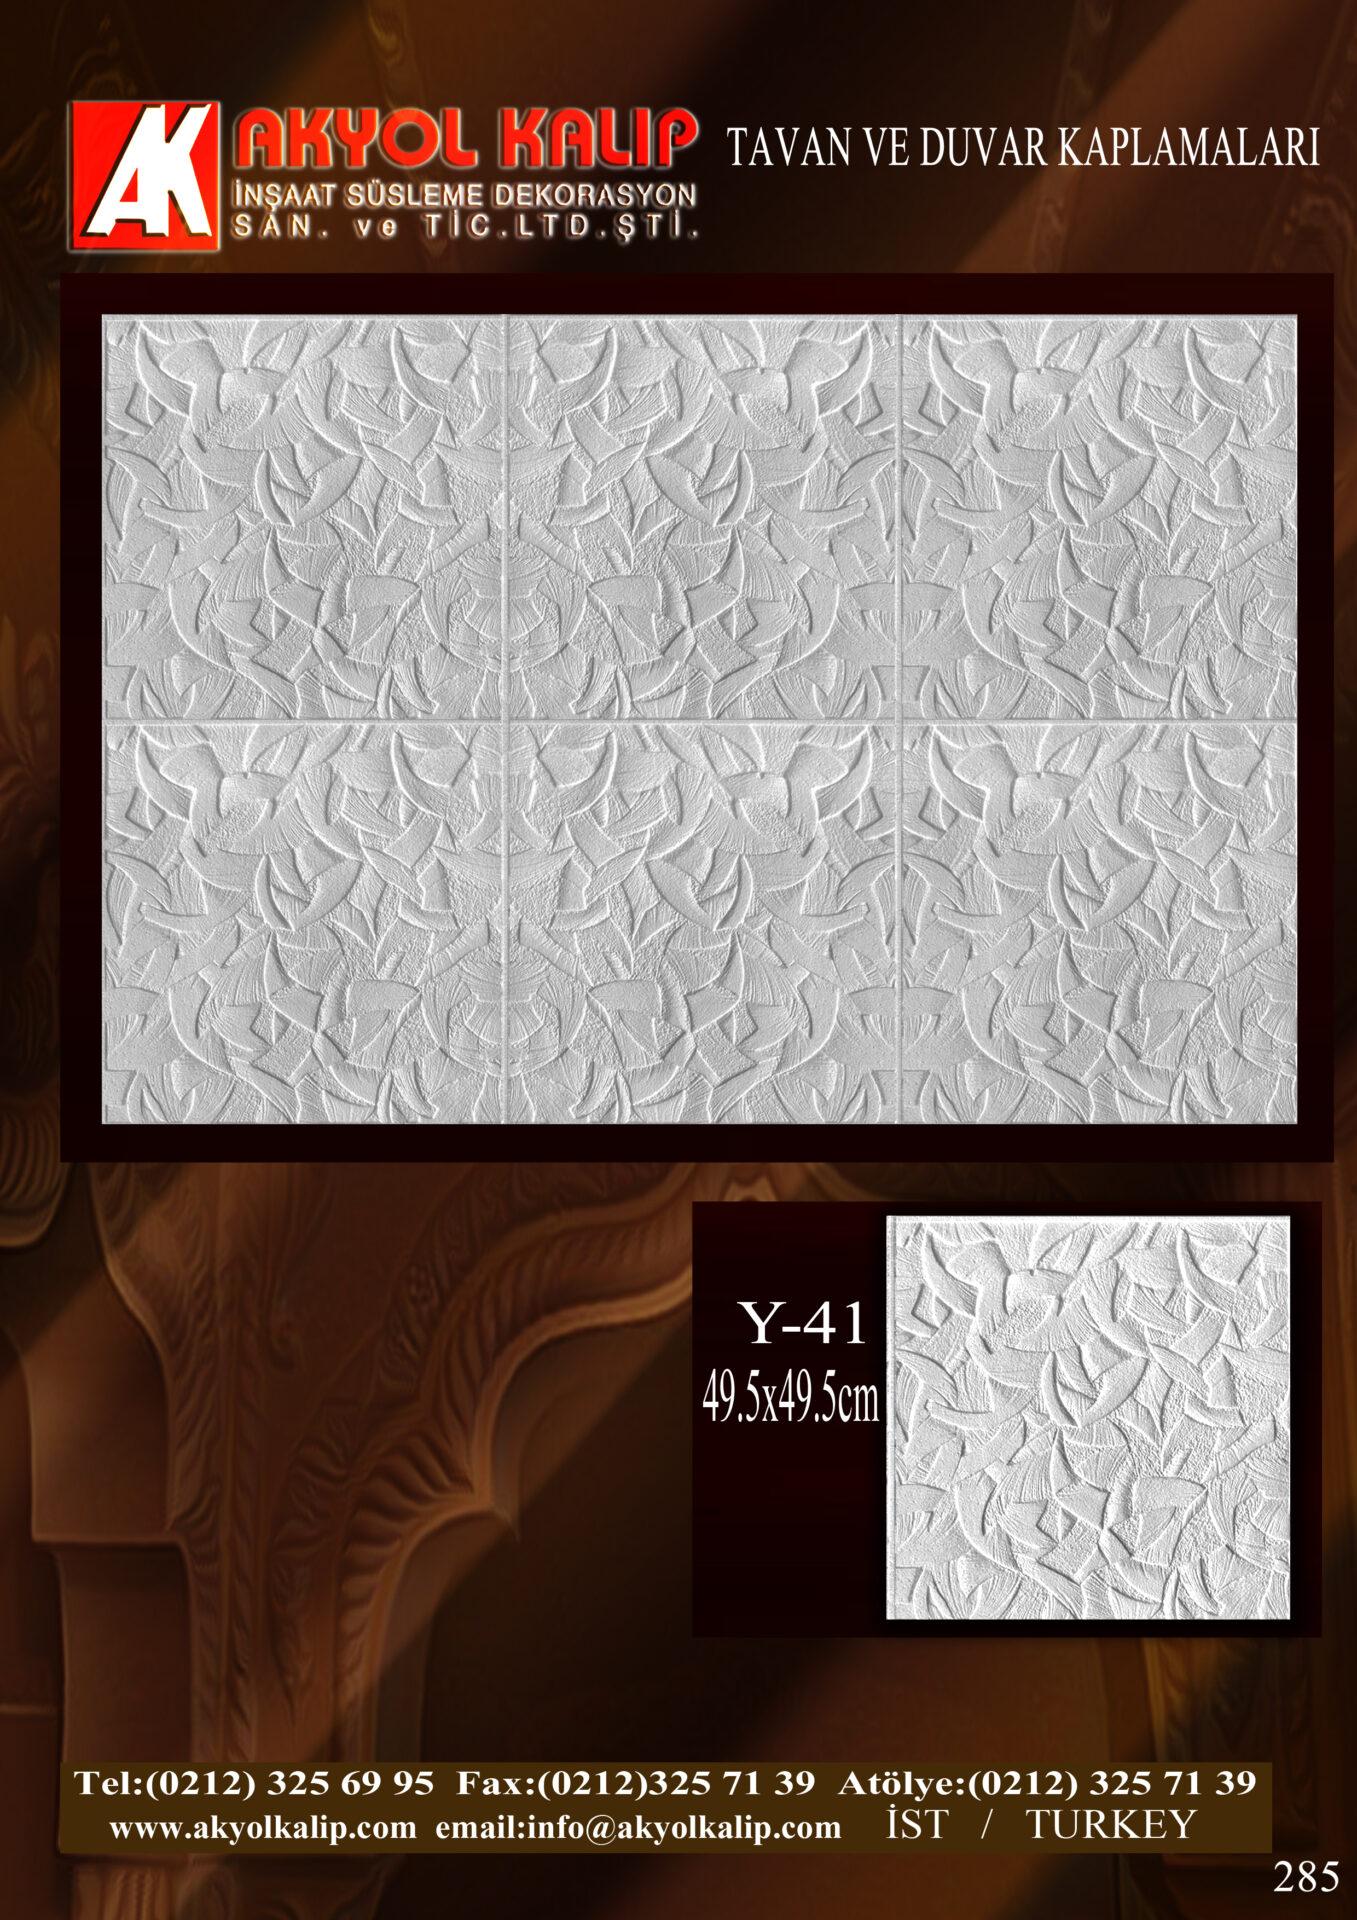 3d alçı duvar kaplama kalıpları, dekoratif duvar kaplama modelleri, dekoratif duvar 3 boyutlu tavan ve duvar kaplama kalıpları